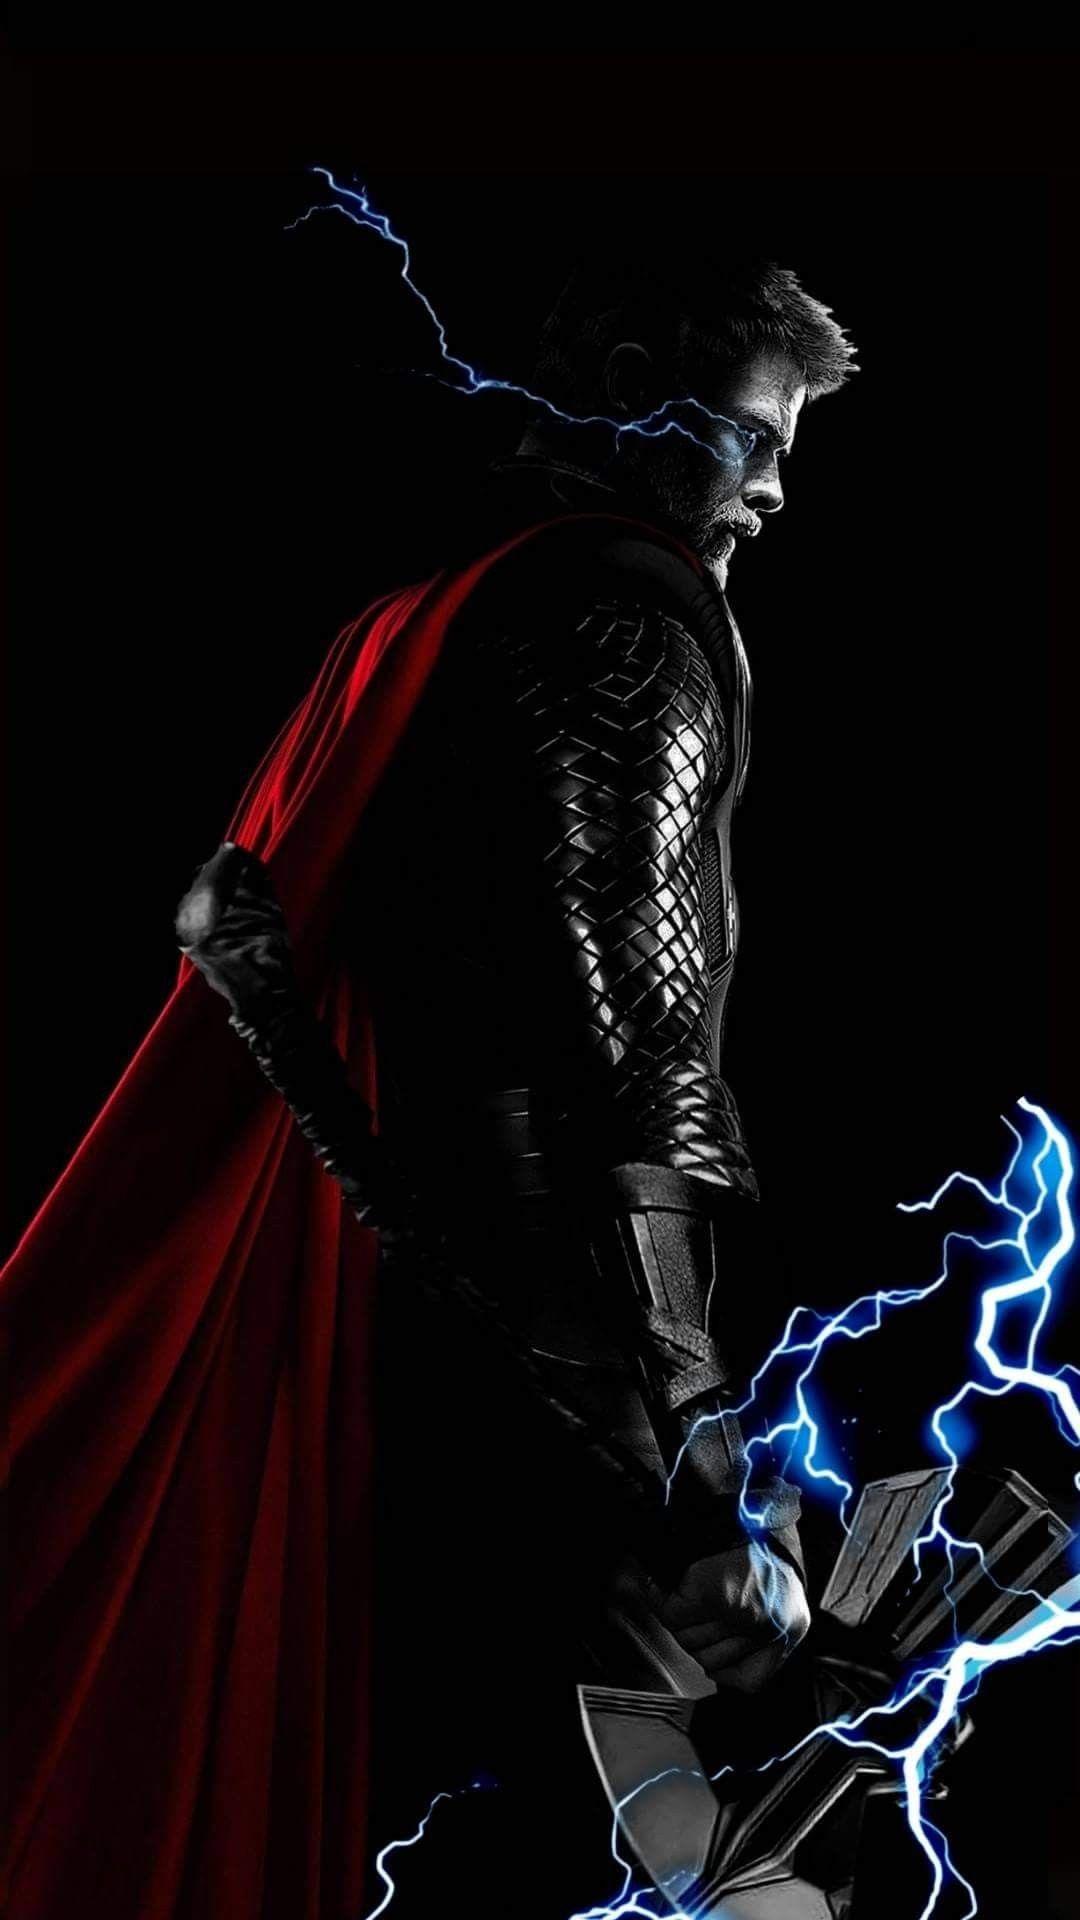 토르에 있는 늑 대괴물님의 핀 | Pinterest | Marvel, Thor 및 Avengers